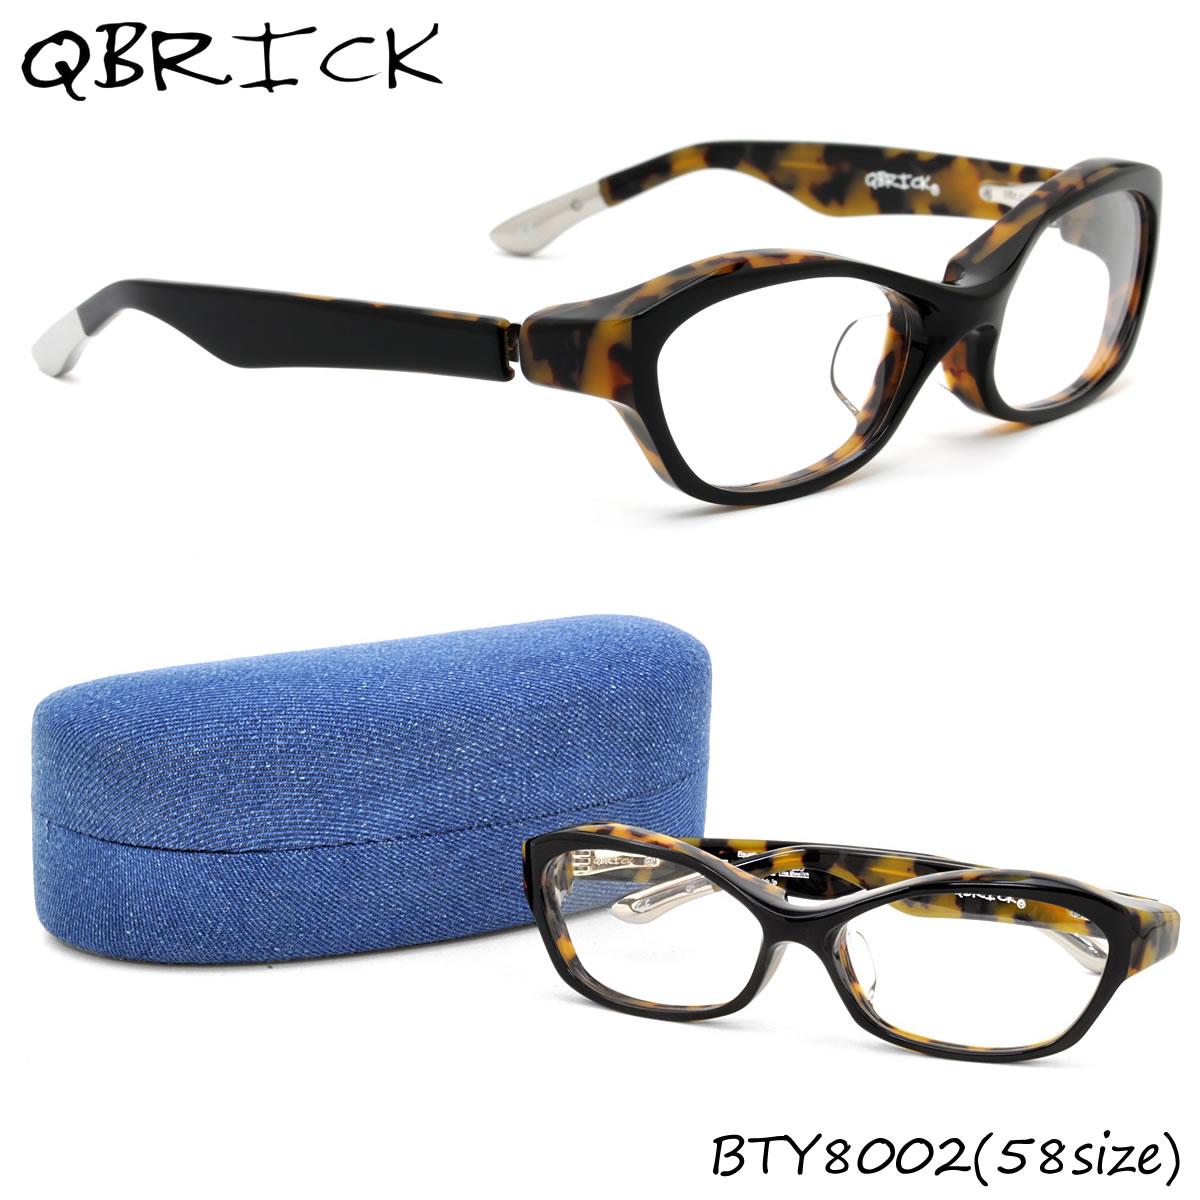 ポイント最大46倍お買い物マラソン8/4 20時スタート!!お得なクーポンも 【Qbrick】(キューブリック) メガネ フレーム BTY8002 58サイズ フォックス BLAISE ブレーズ キューブリック QBRICK アイウェア メンズ レディース